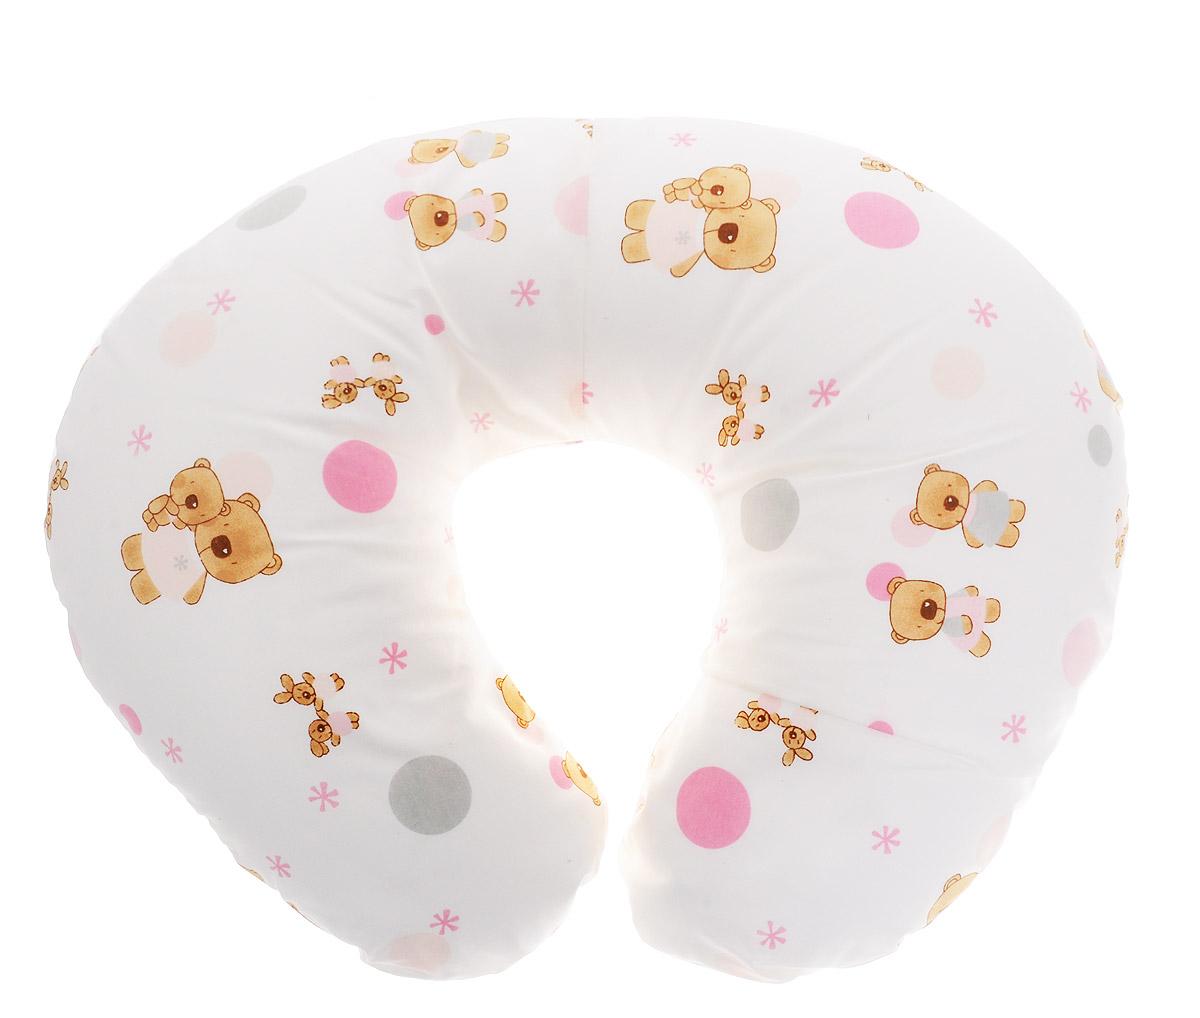 Plantex Подушка для кормящих и беременных мам Comfy Small Мишка и Зайцы1030_мишка и зыйцы белый розовыйМногофункциональная подушка Plantex Comfy Small. Мишка и Зайцы идеальна для удобства ребенка и его родителей.Зачастую именно эта модель называется подушкой для беременных. Ведь она создана именно для будущих мам с учетом всех анатомических особенностей в этот период. На любом сроке беременности она бережно поддержит растущий животик и поможет сохранить комфортное и безопасное положение во время сна. Подушка идеально подходит для кормления уже появившегося малыша. Позже многофункциональная подушка поможет ему сохранить равновесие при первых попытках сесть.Чехол подушки выполнен из 100% хлопка и снабжен застежкой-молнией, что позволяет без труда снять и постирать его. Наполнителем подушки служат полистироловые шарики - экологичные, не деформируются сами и хорошо сохраняют форму подушки.Подушка для кормящих и беременных мам Plantex Comfy Small.Мишка и Зайцы - это удобная и практичная вещь, которая прослужит вам долгое время.Подушка поставляется в сумке-чехле.При использовании рекомендуется следующий уход: наволочка - машинная стирка и глажение, подушка с наполнителем - ручная стирка.Список вещей в роддом. Статья OZON Гид